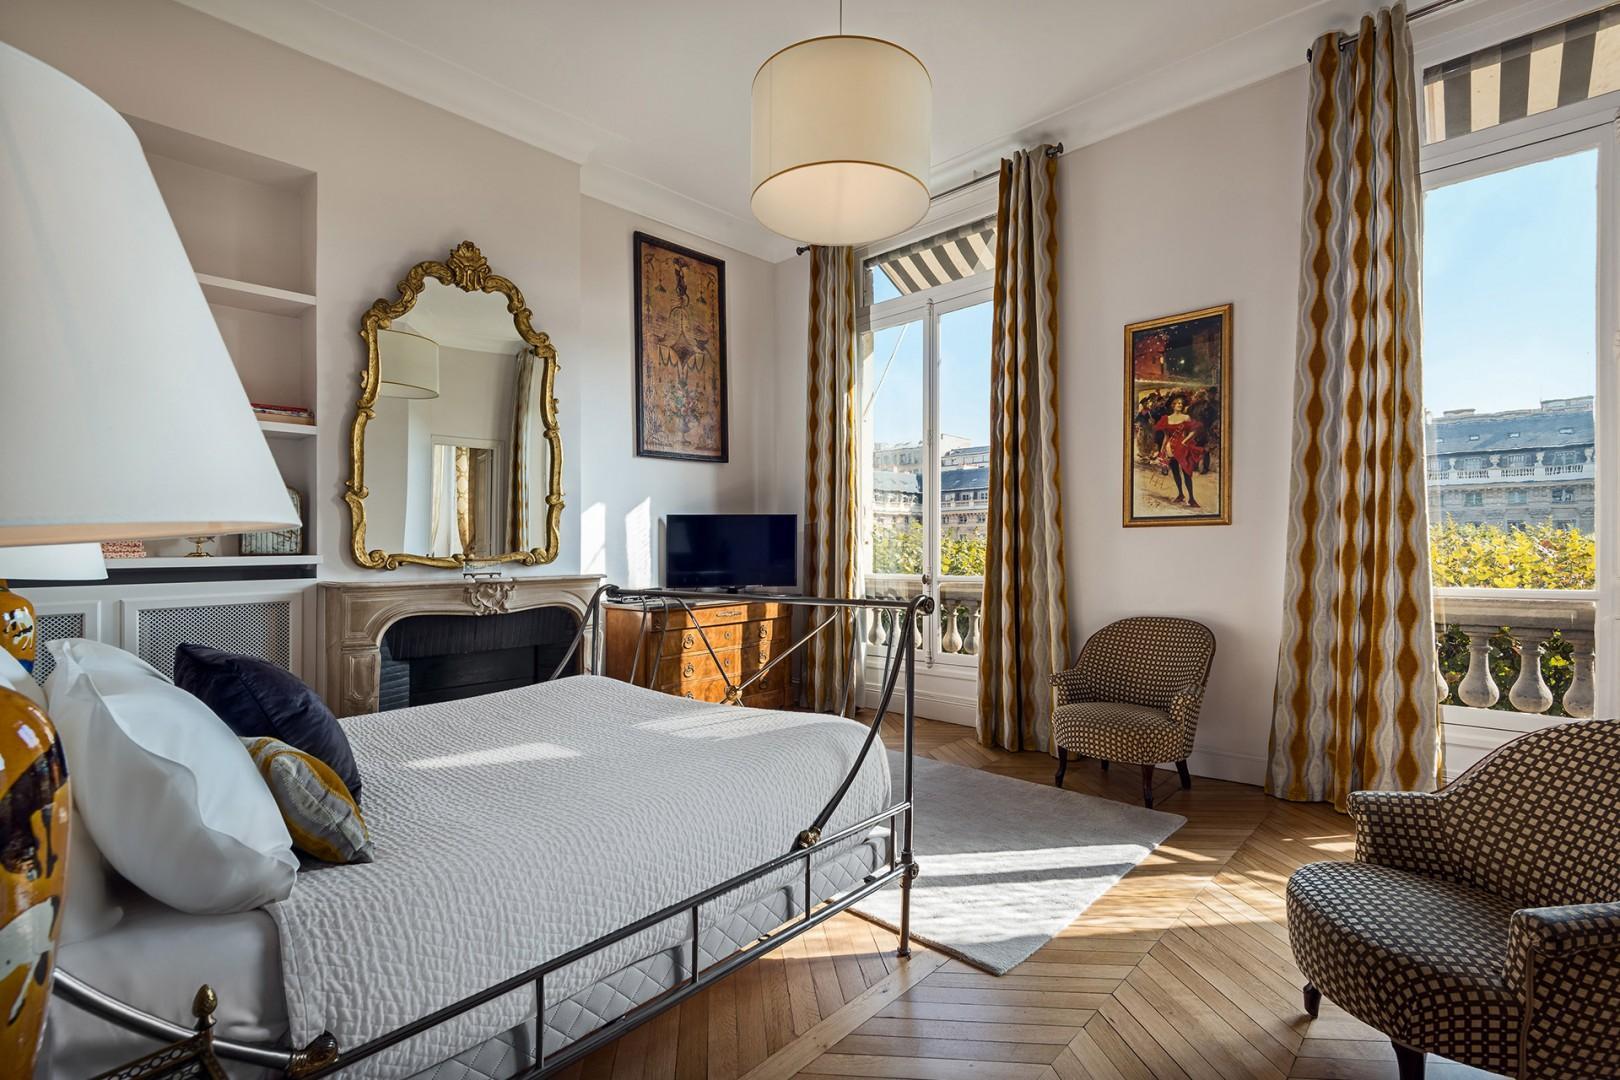 A sense of grandeur is evident in the bedroom.